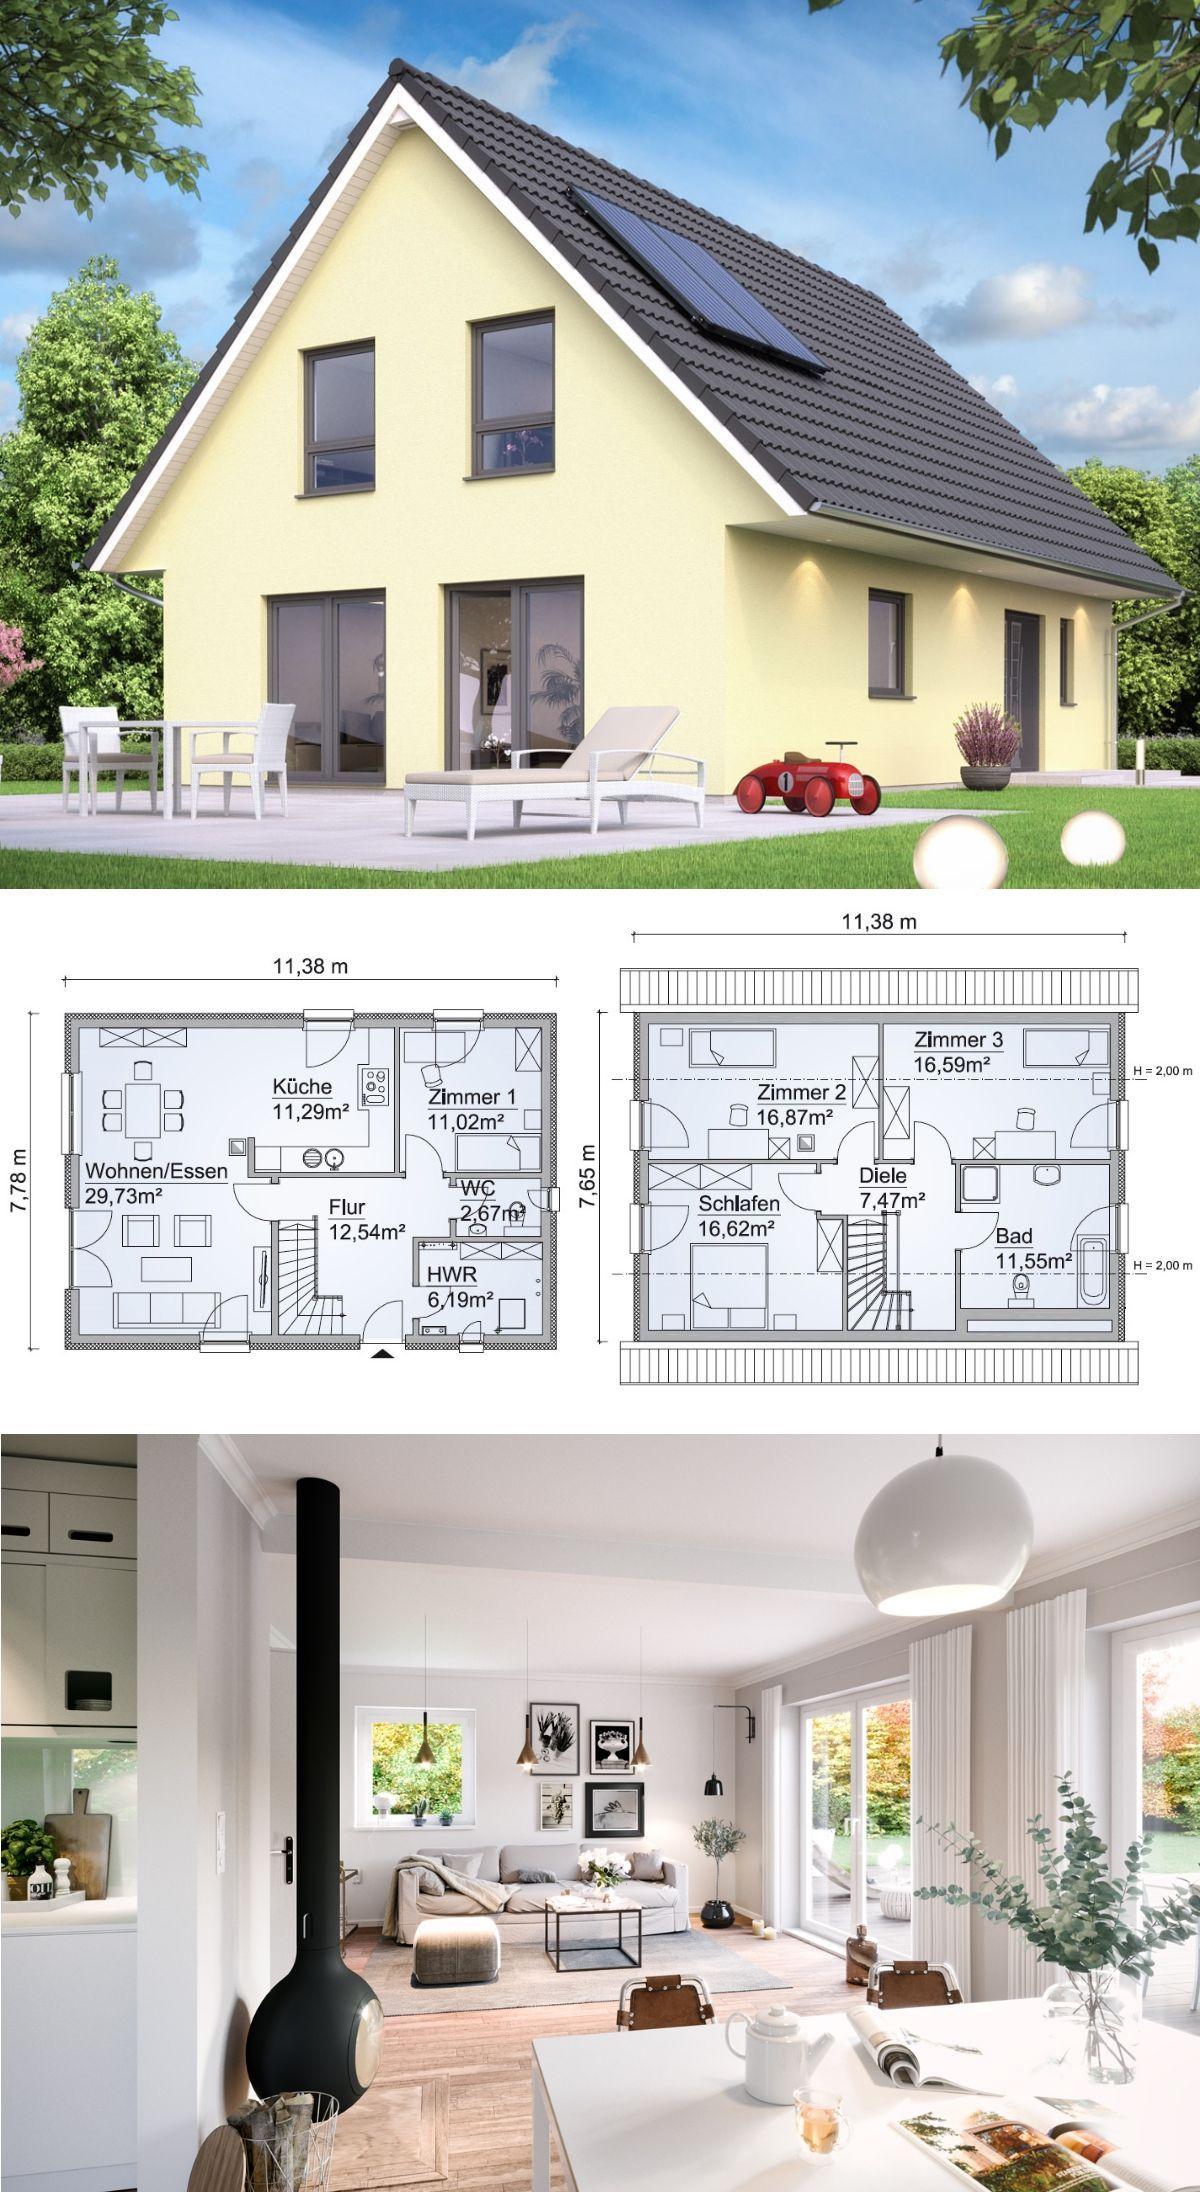 Modernes einfamilienhaus klassisch mit satteldach for Architektur klassisch